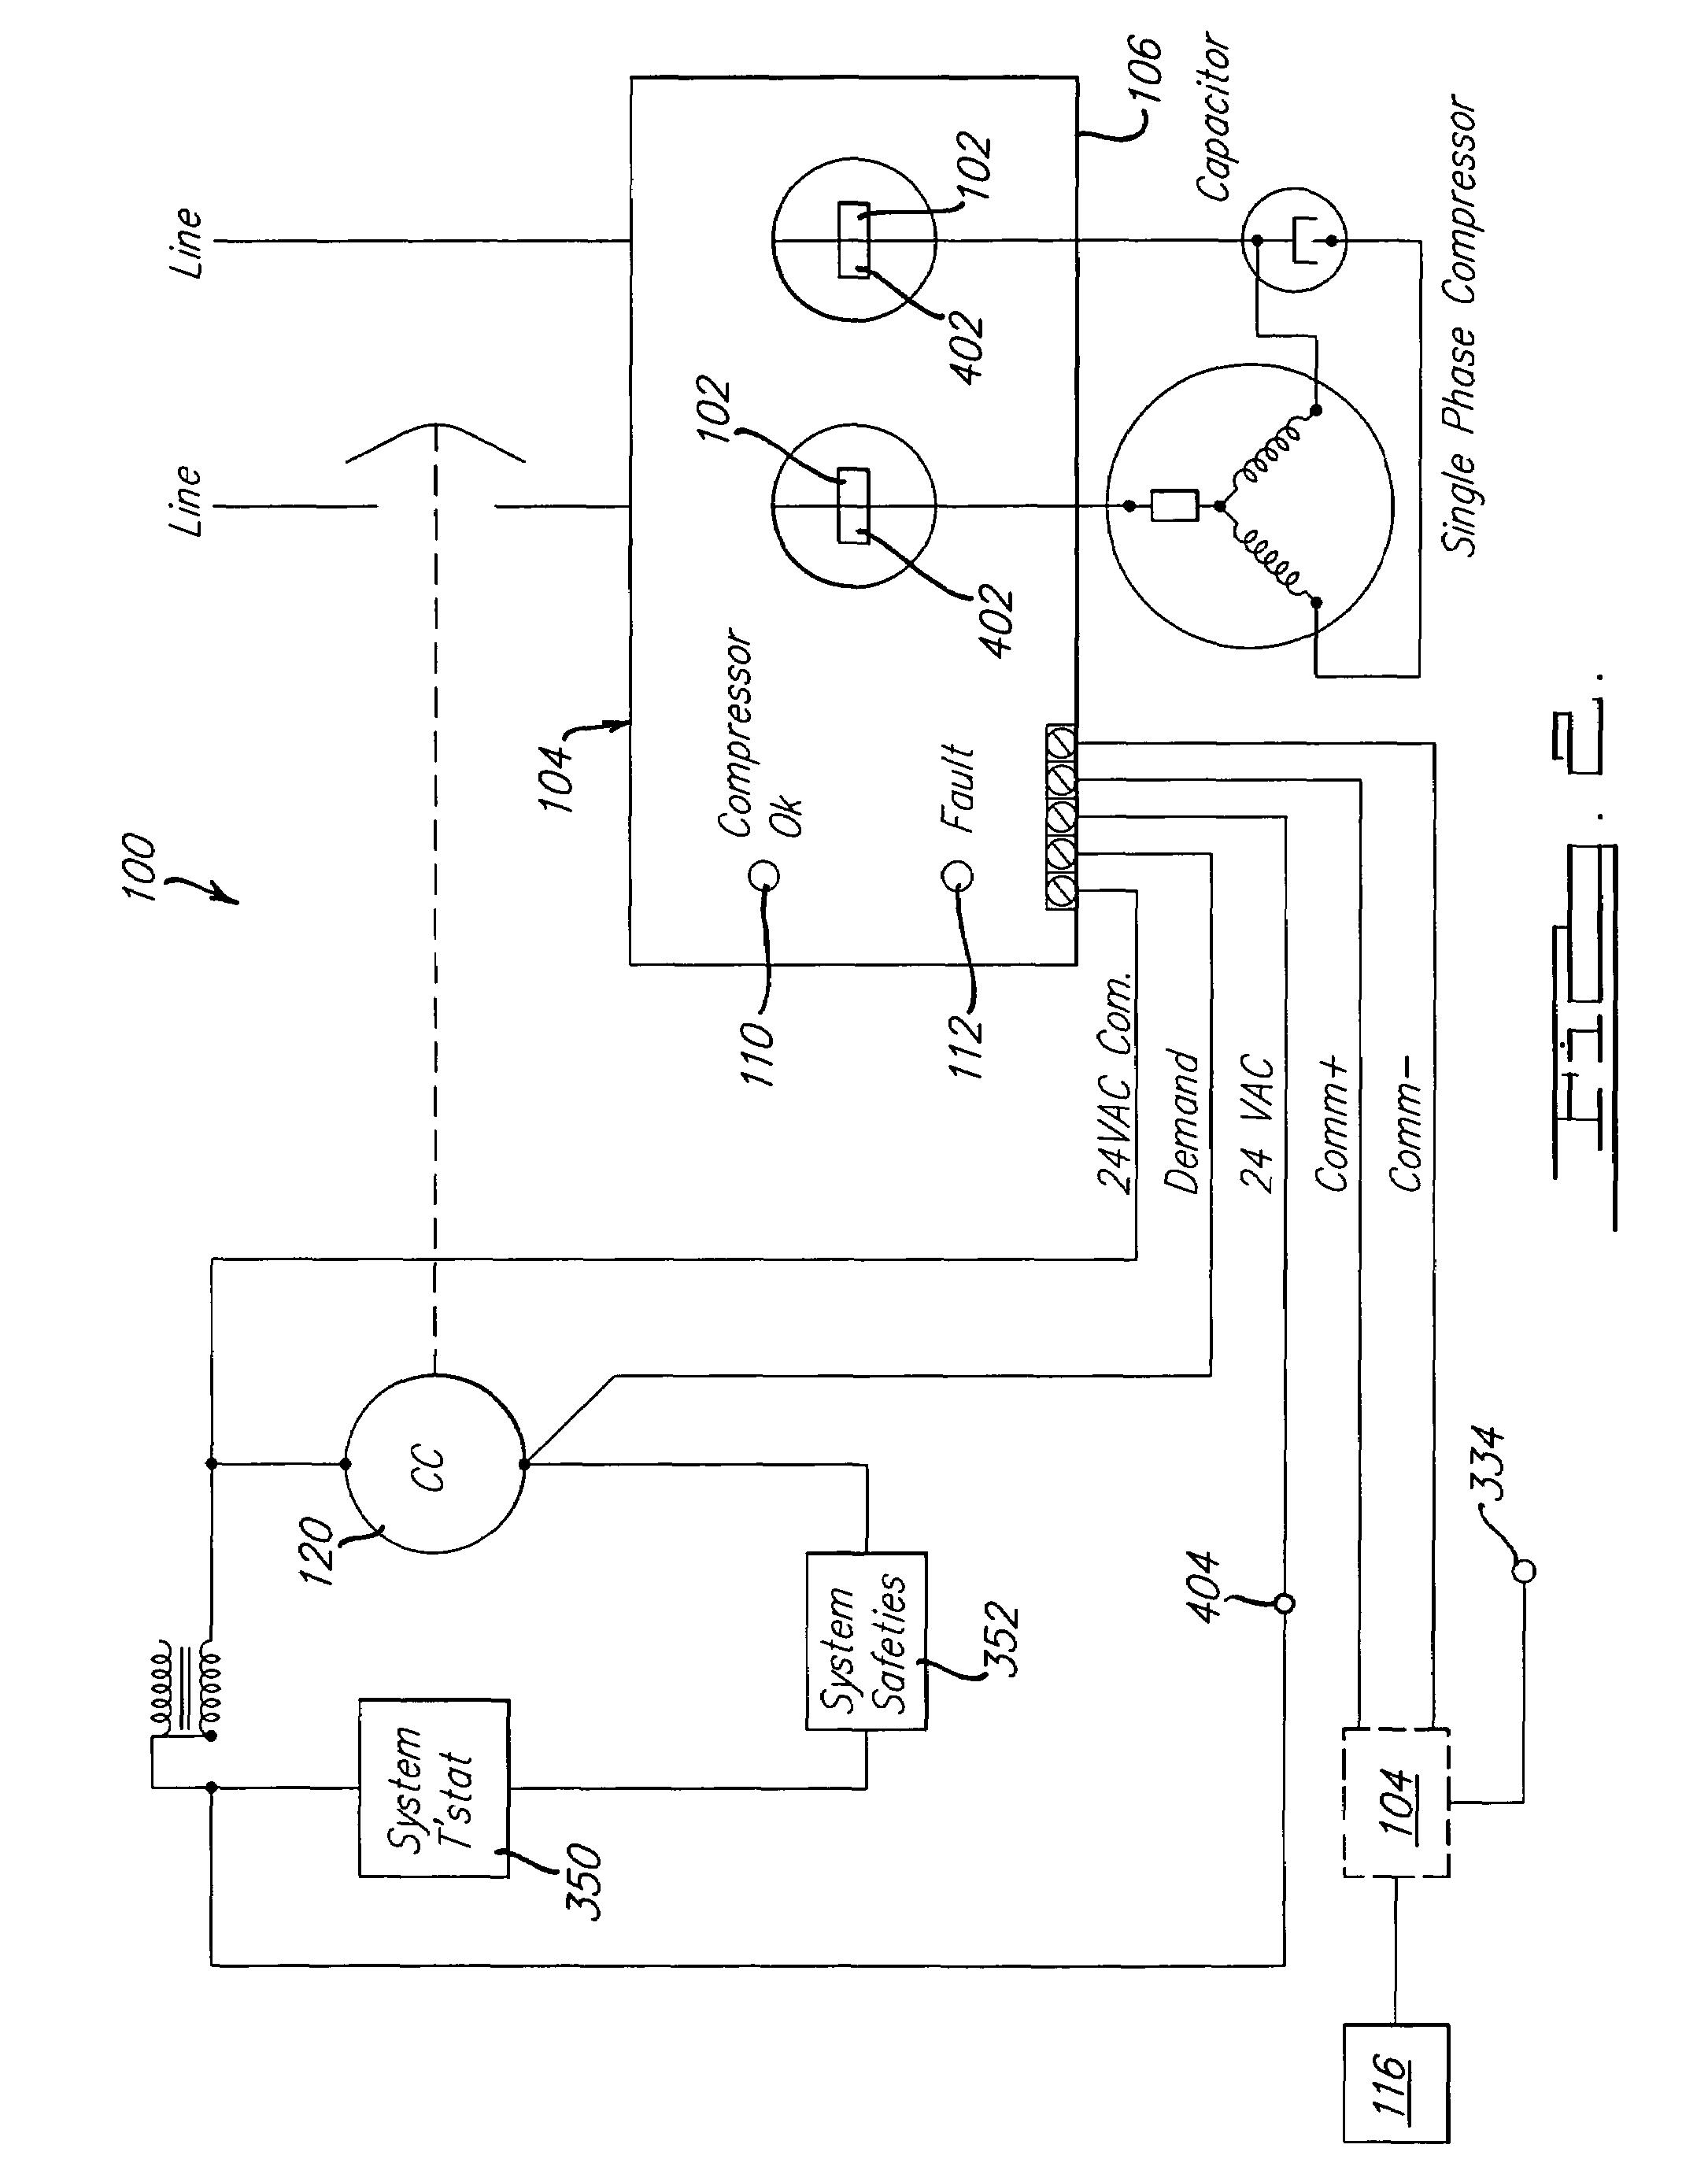 Single Phase Compressor Wiring Schematics - Wiring Diagrams Hubs - Air Compressor Wiring Diagram 230V 1 Phase